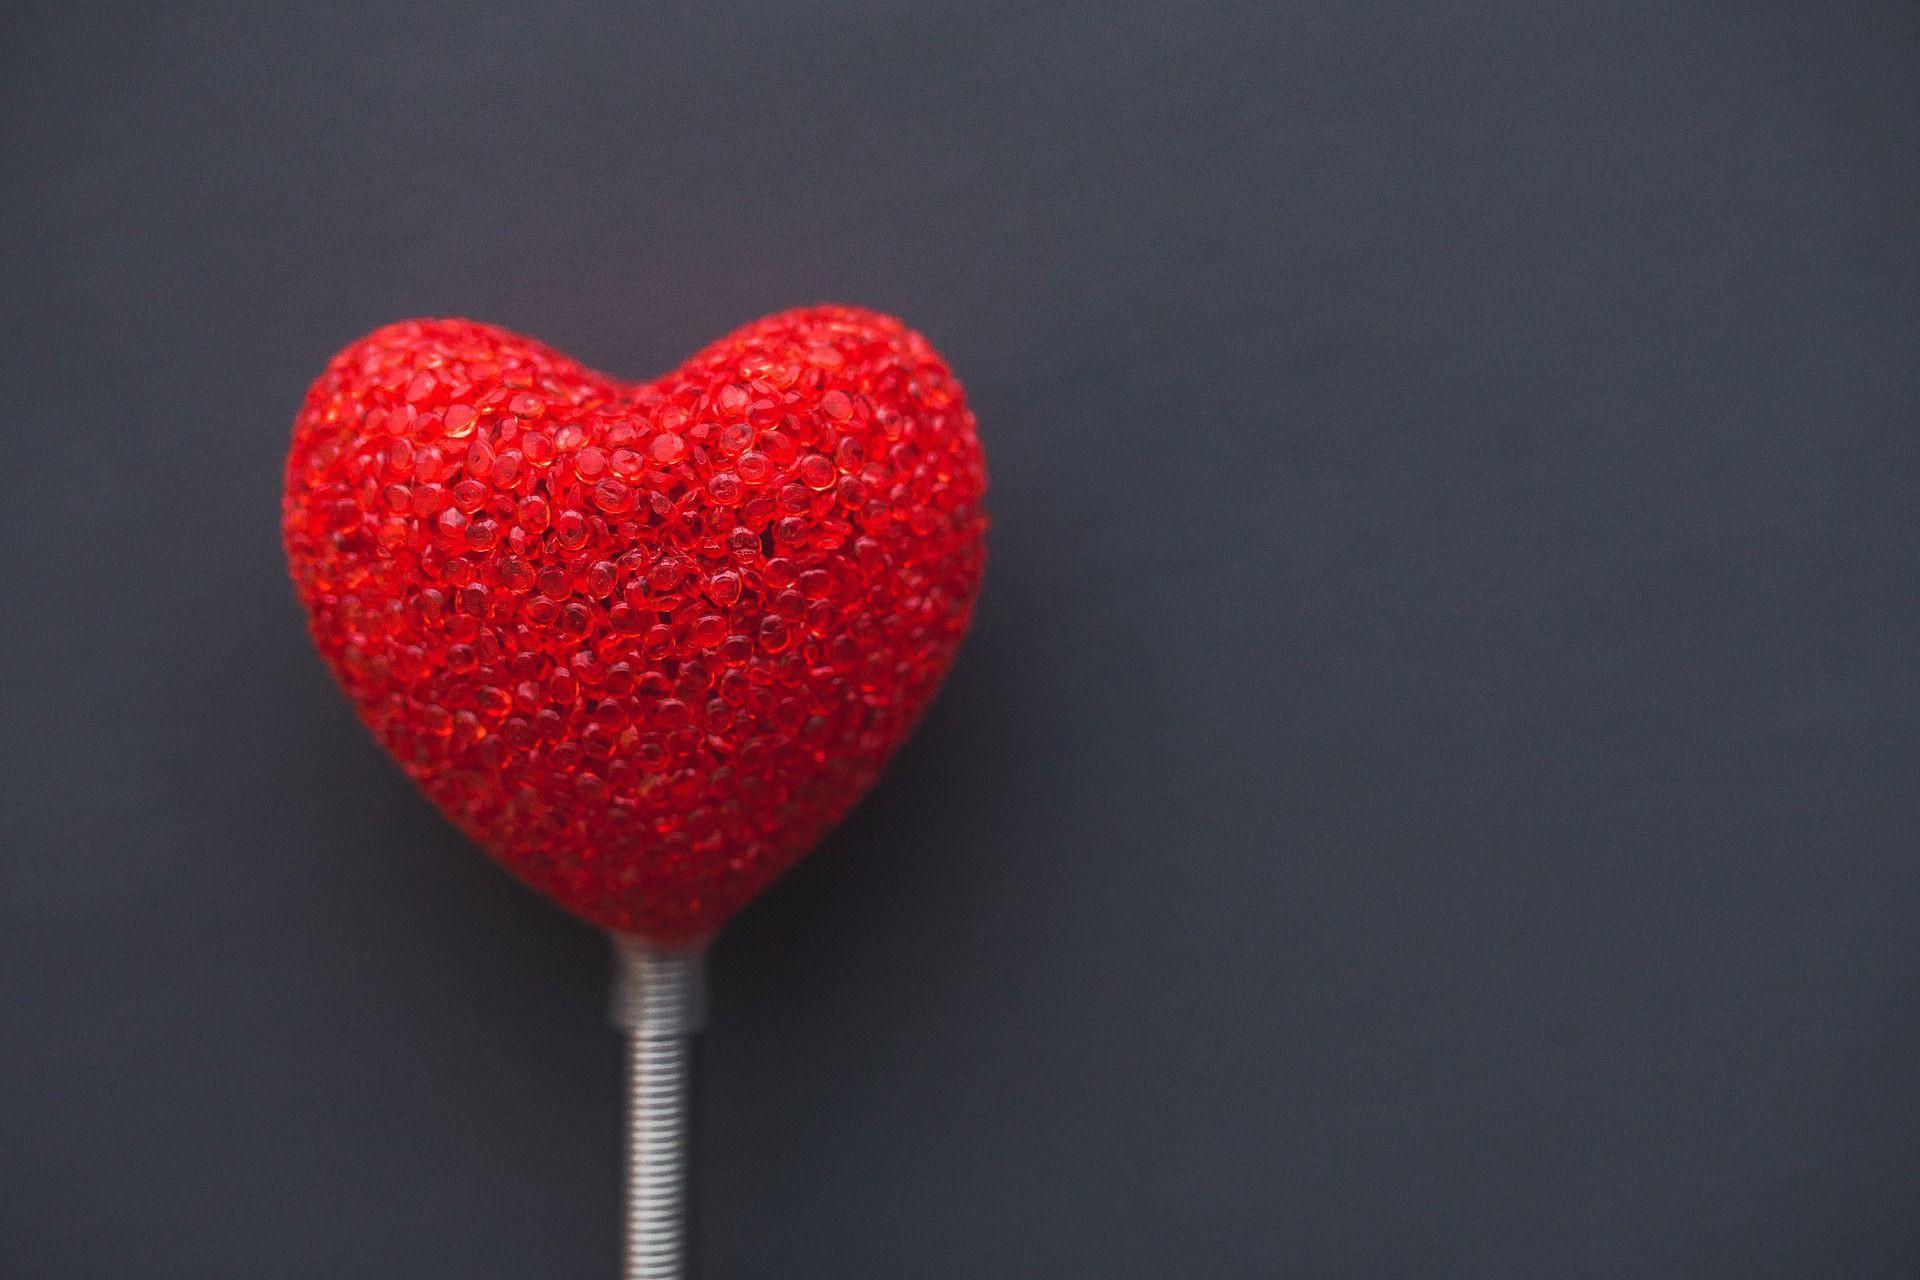 Morte súbita cardíaca vitima cerca de 12 mil portugueses por ano